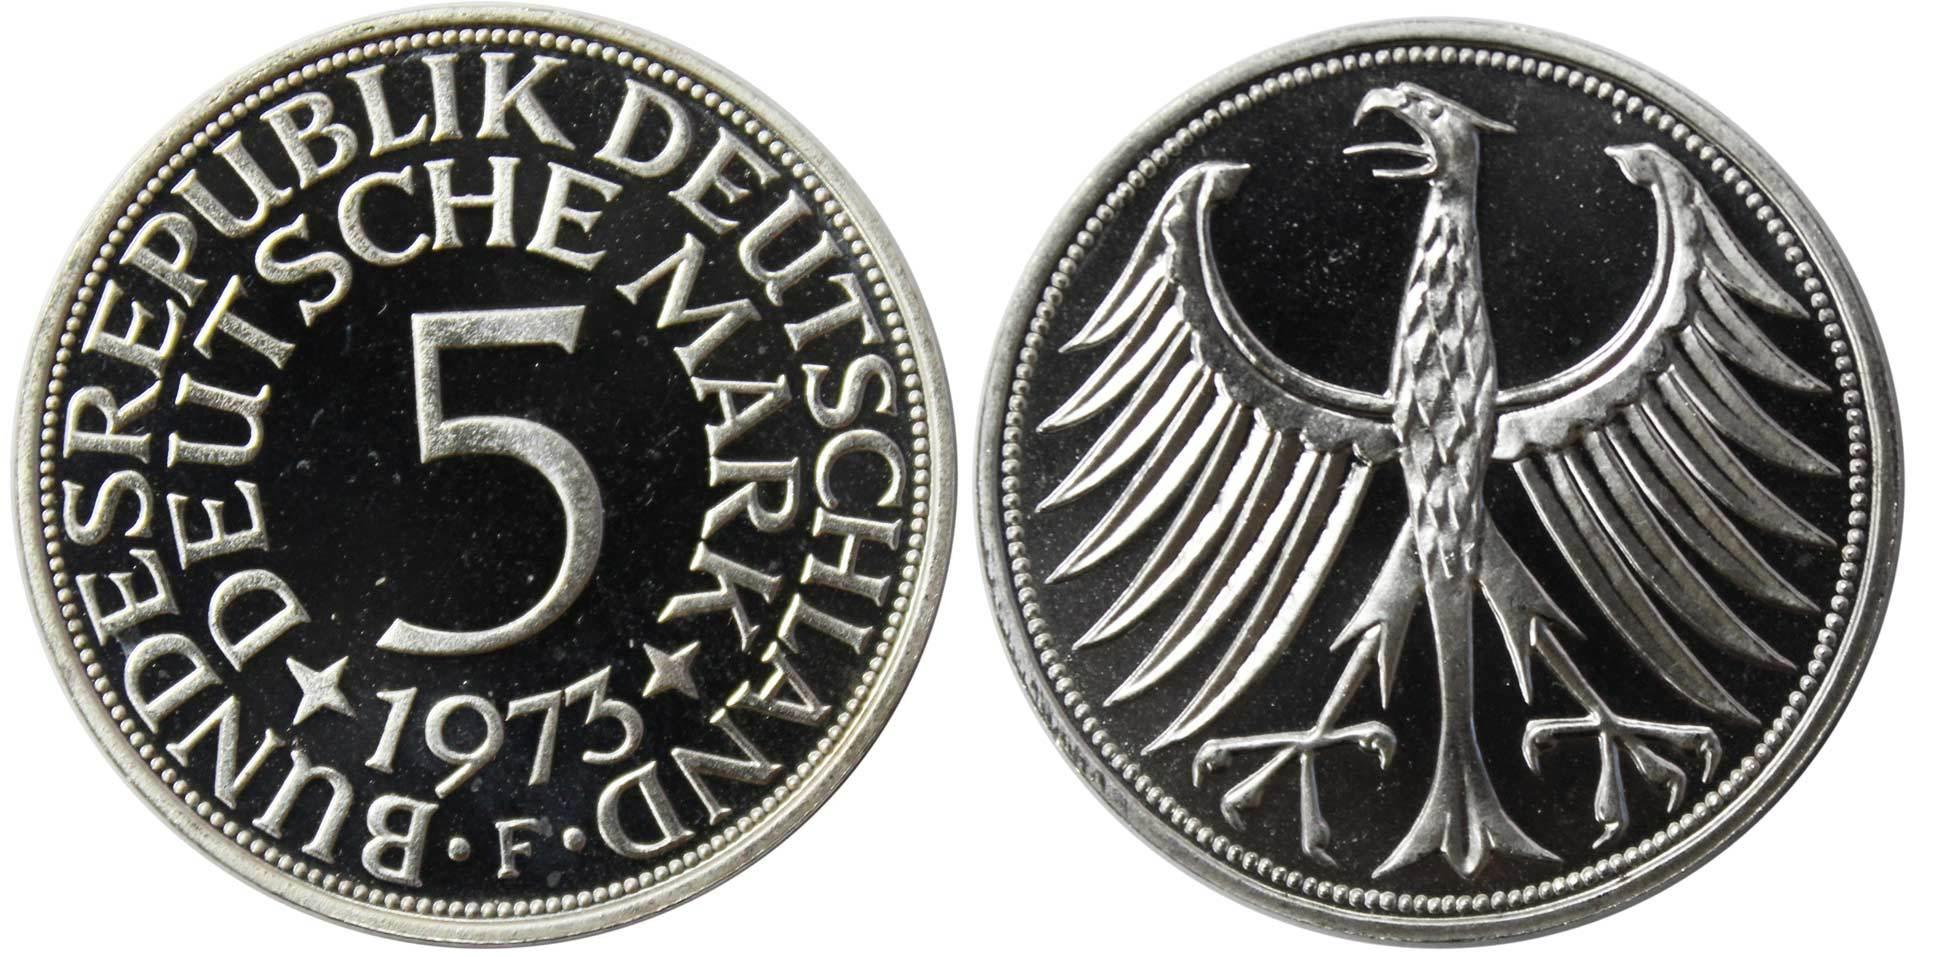 5 марок. Германия. (F). Серебро. 1973 год. PROOF